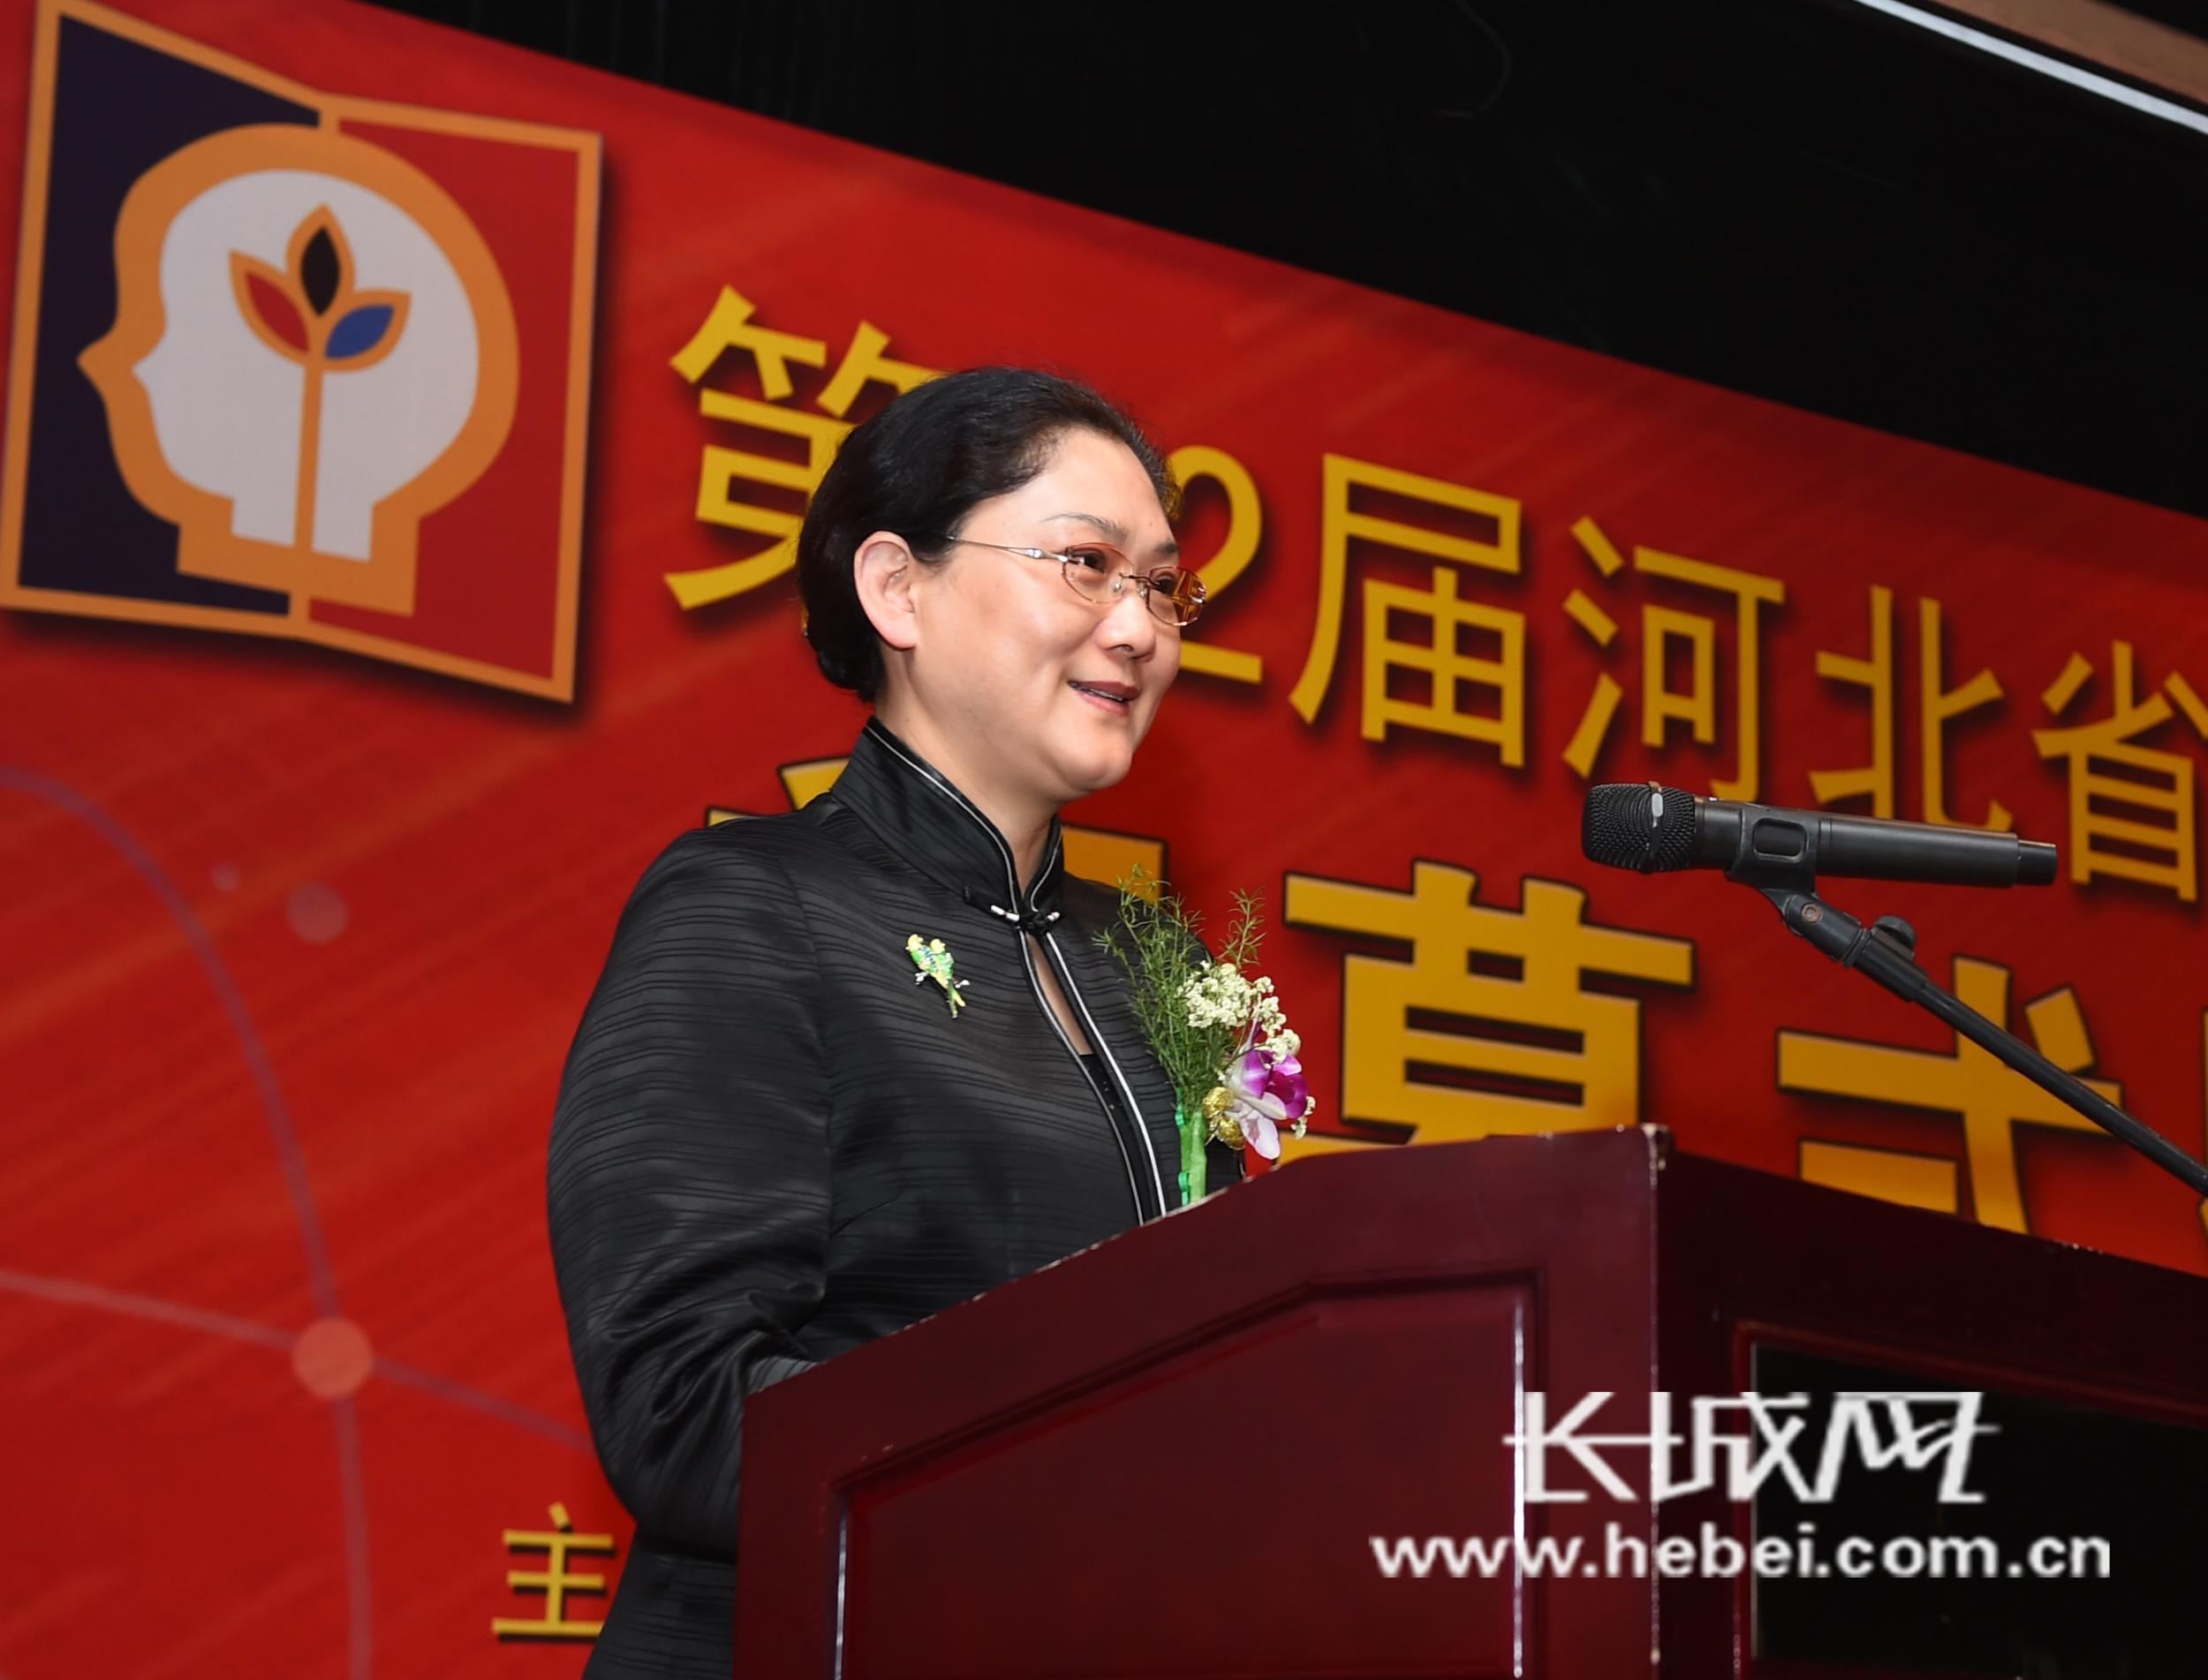 第32届河北省青少年科技创新大赛在石家庄闭